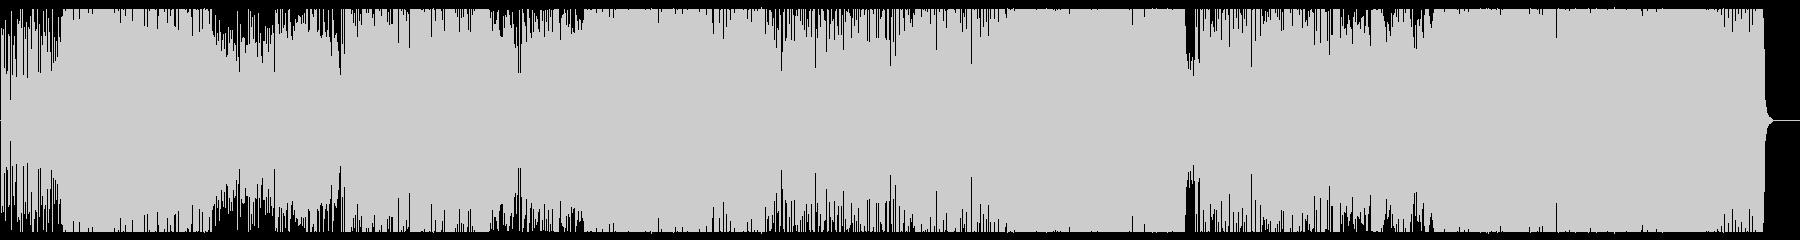 【生録音】展開豊かなノリ良いジャズロックの未再生の波形